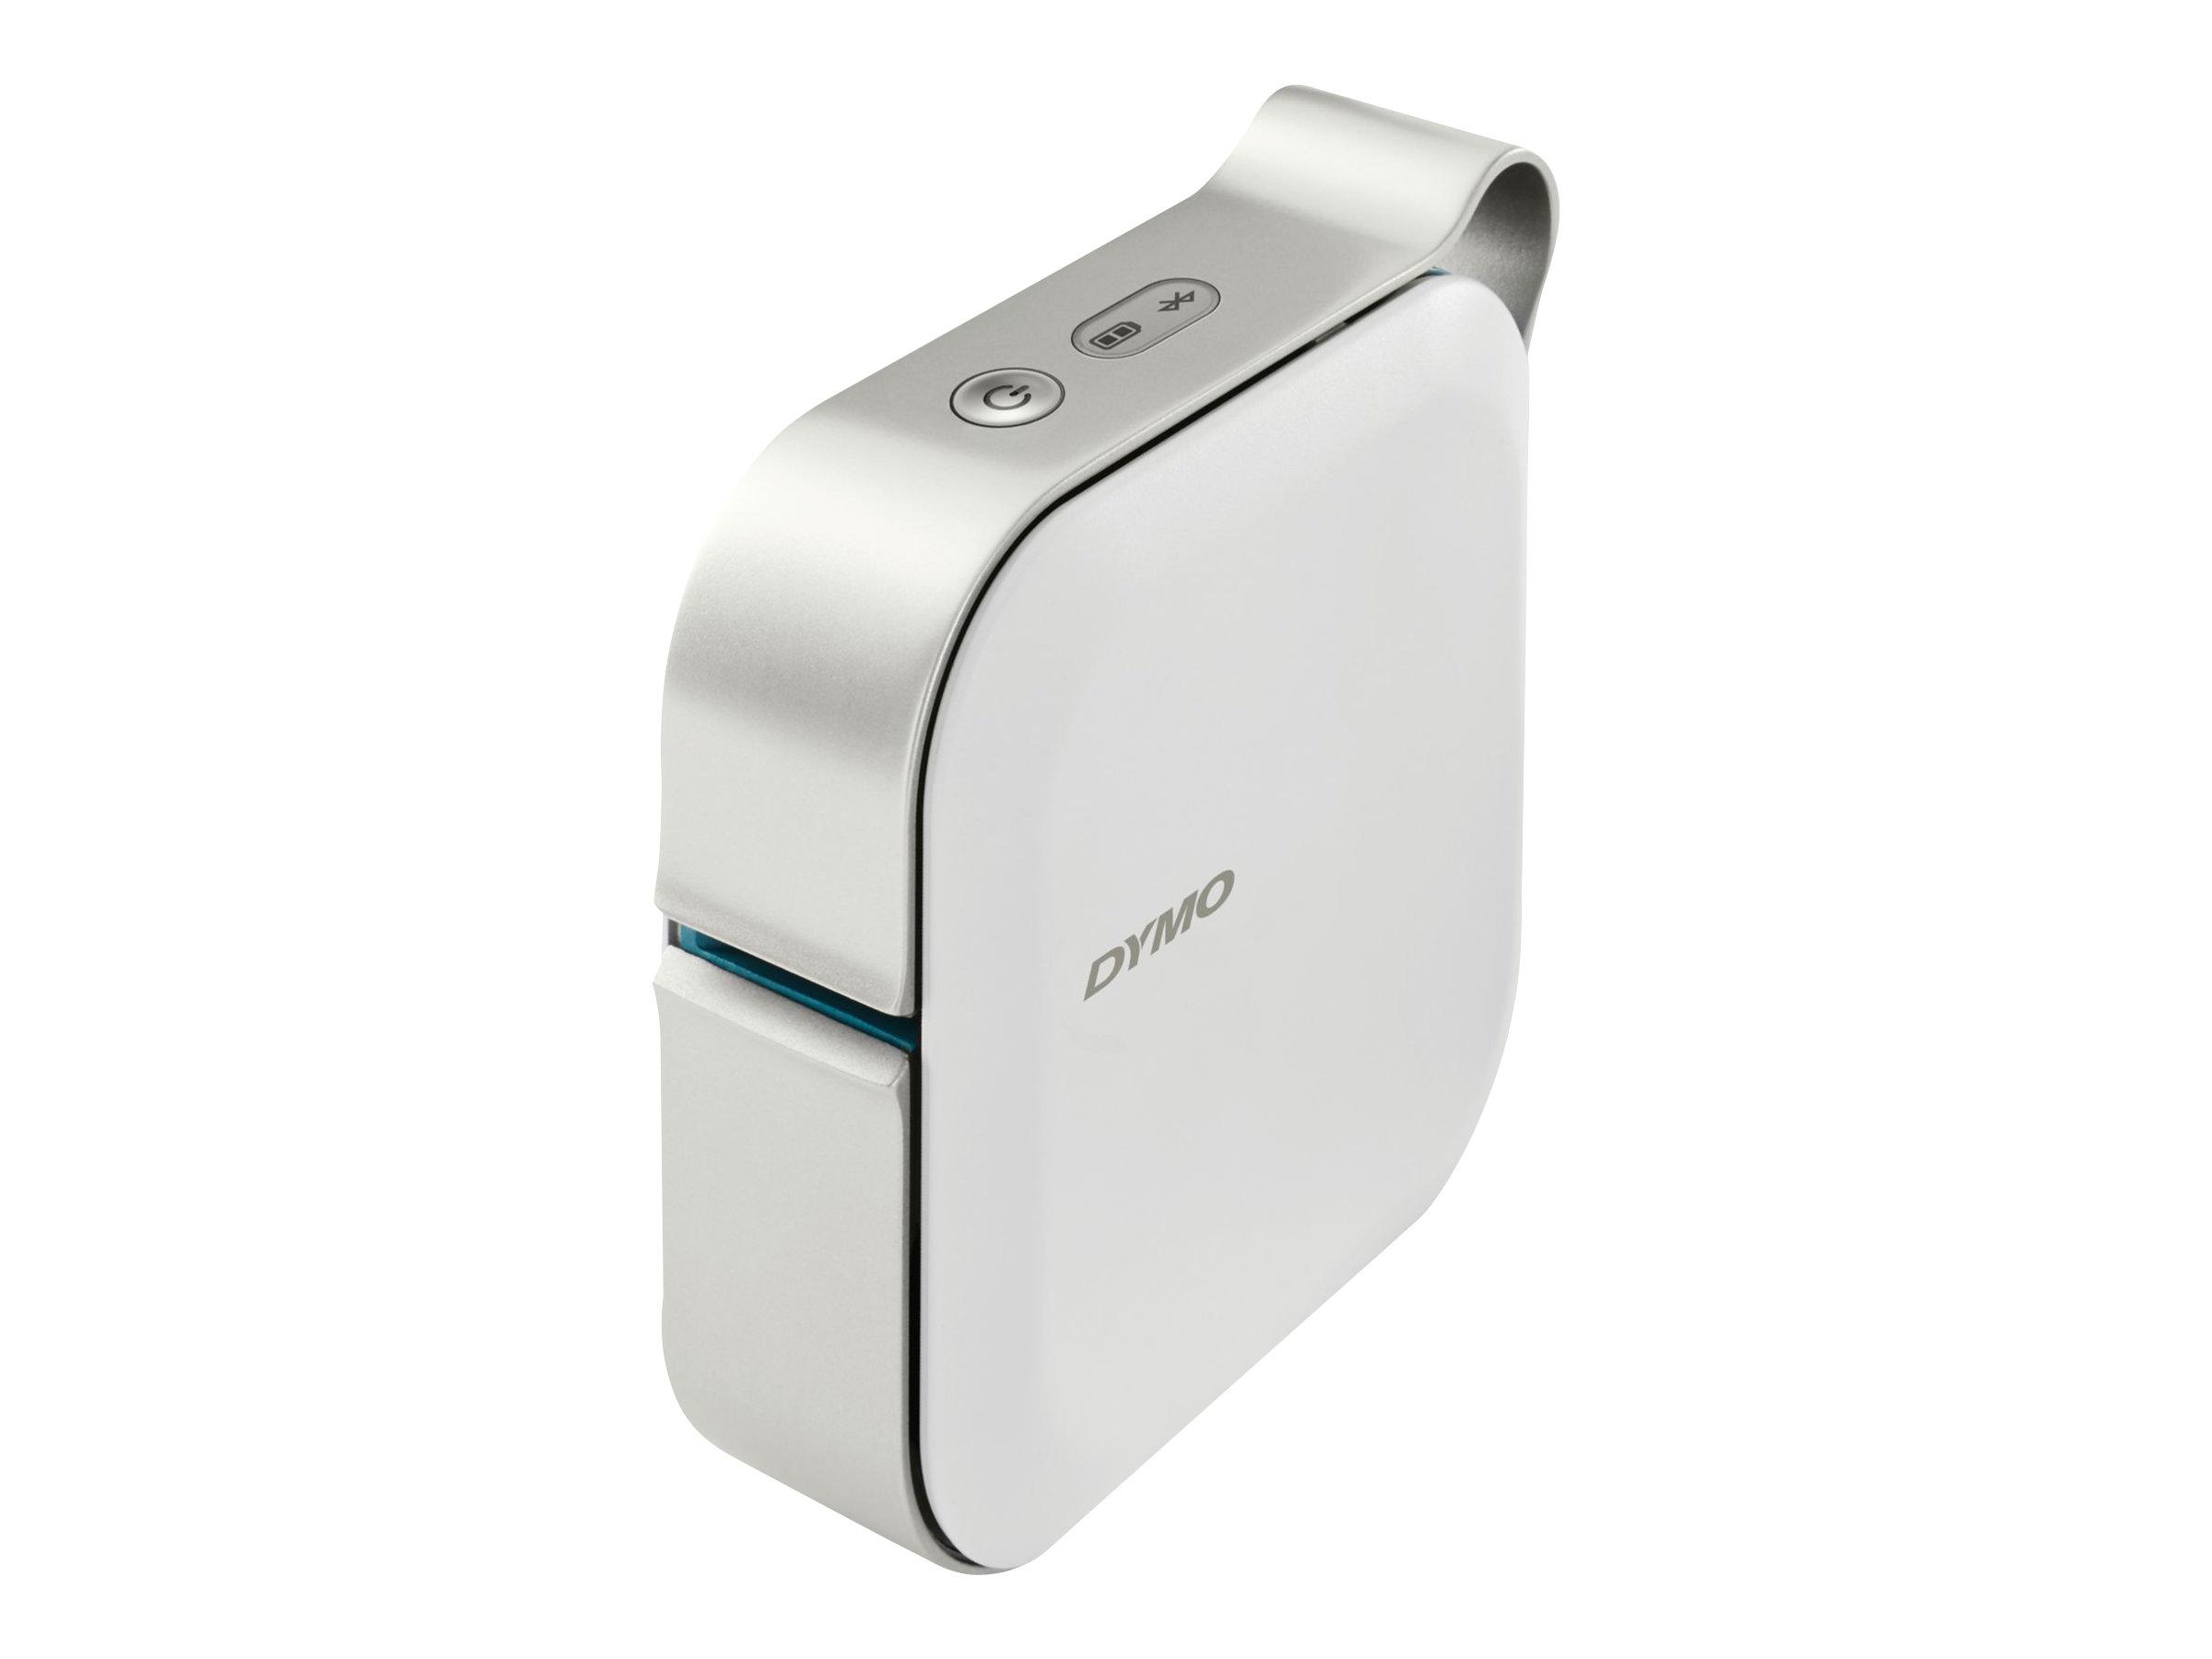 Dymo MobileLabeler - Etikettendrucker